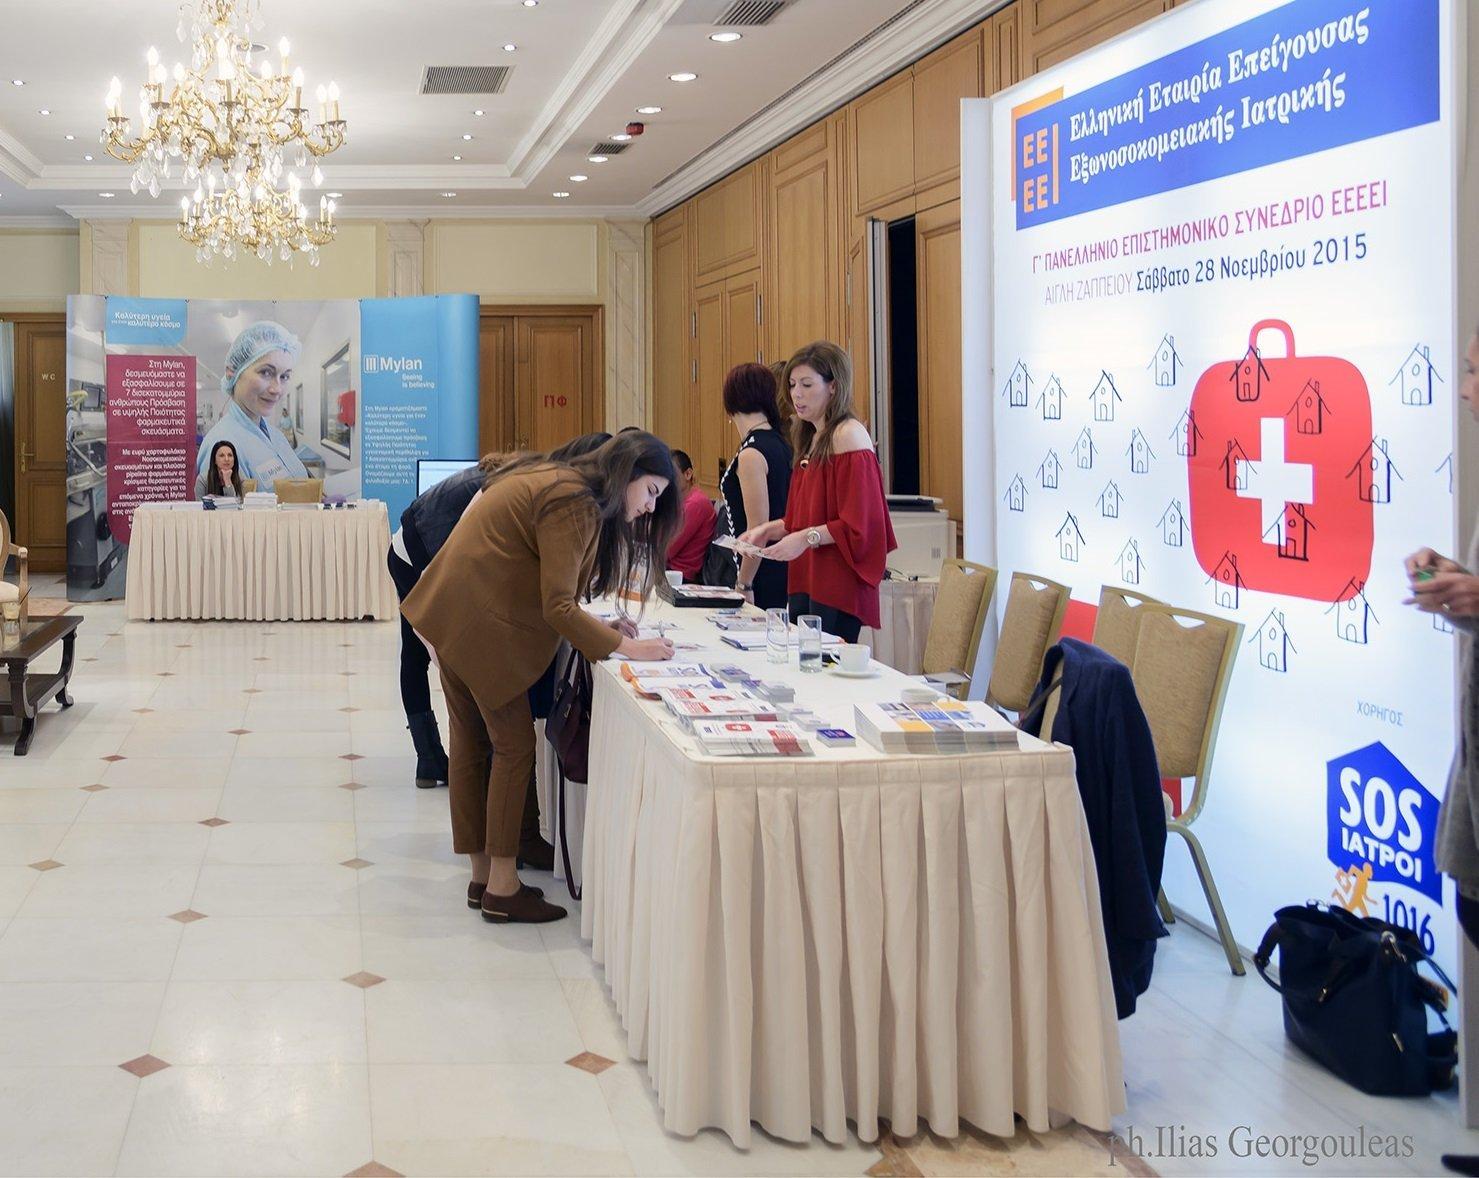 3ο Πανελλήνιο Συνέδριο Επείγουσας & Εξωνοσοκομειακής Ιατρικής 2015